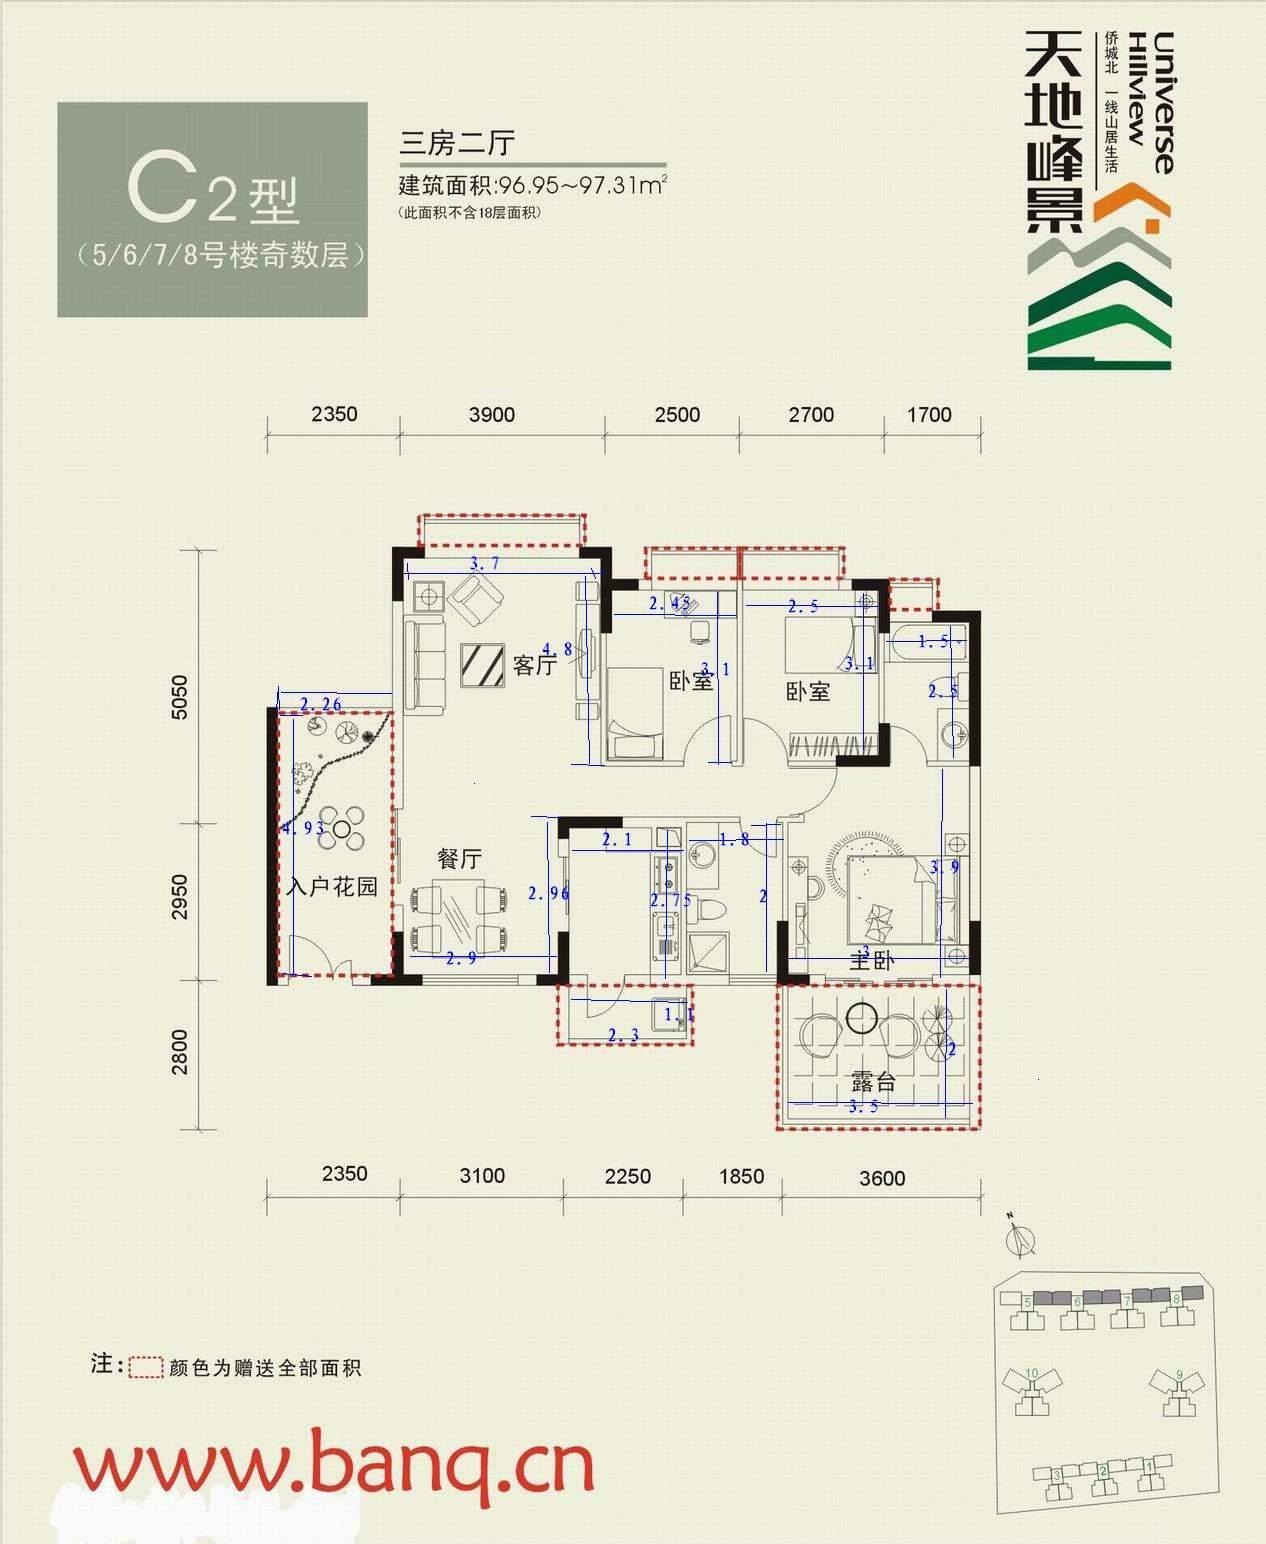 长方形房子两室两厅格局设计图